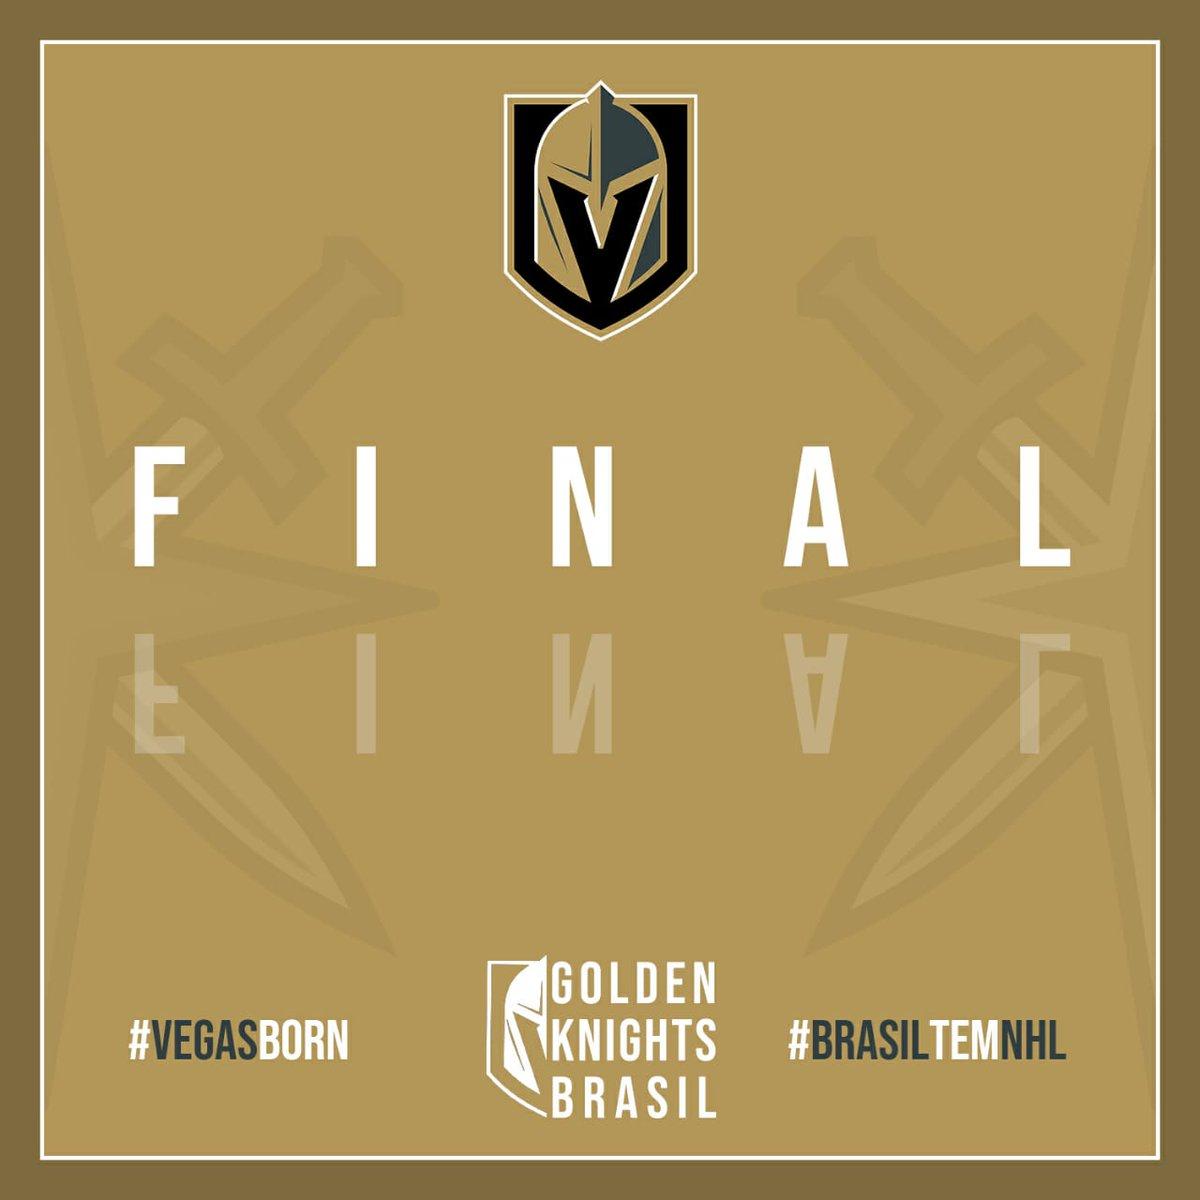 Vegas Golden Knights empata no tempo normal de 4-4 e perde no shootout para o @STLBluesBrazil (resultado final 4-5)   #VegasBorn #BrasiltemNHL